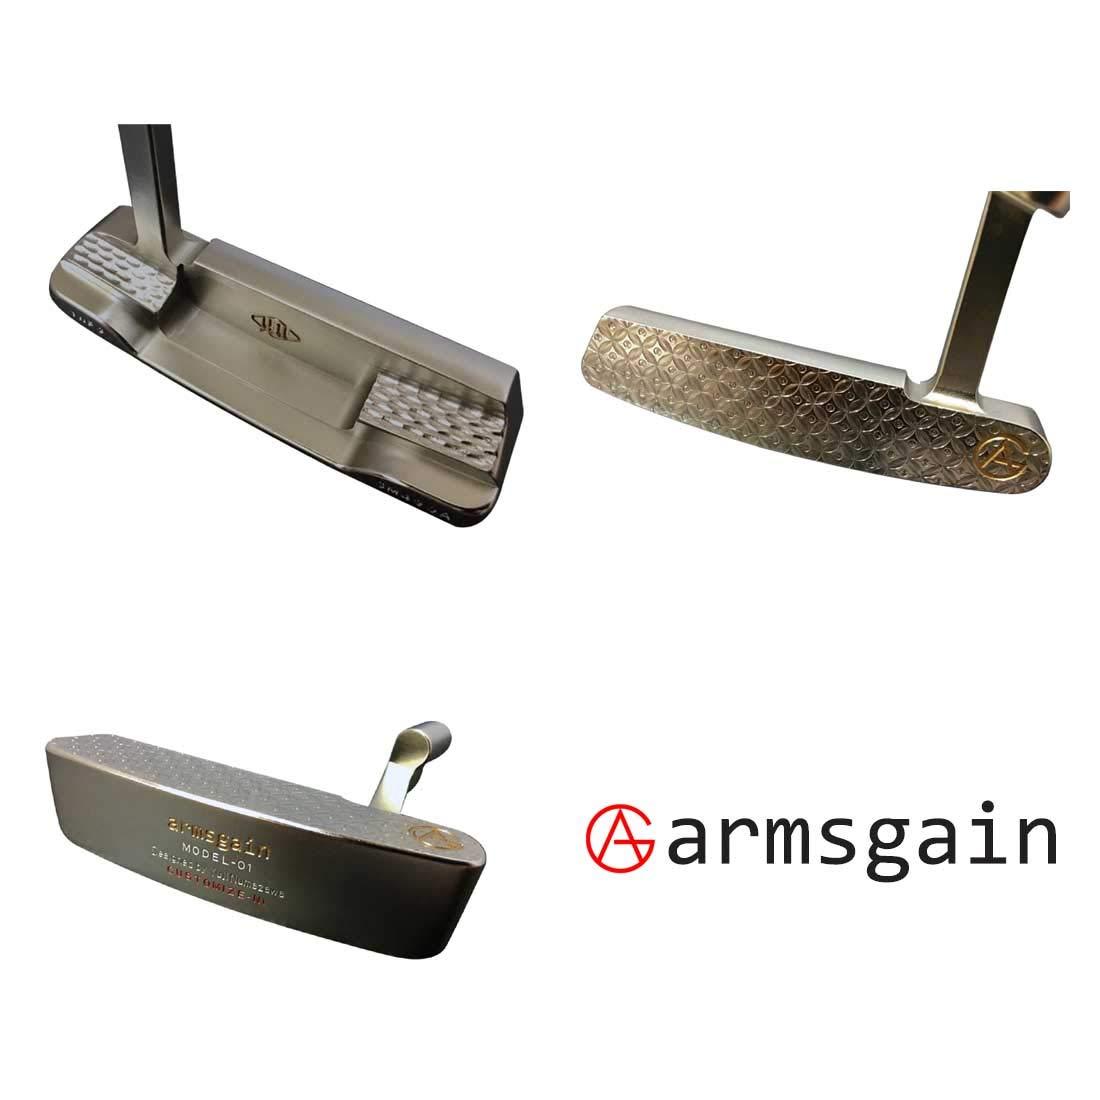 アームスゲイン(armsgain) パター Model-01【クランクネックタイプ】 SM490A ニッケルコーティング仕様 33 スチール ユニセックス ‐ 右 4度 パター B07S5TYR3M